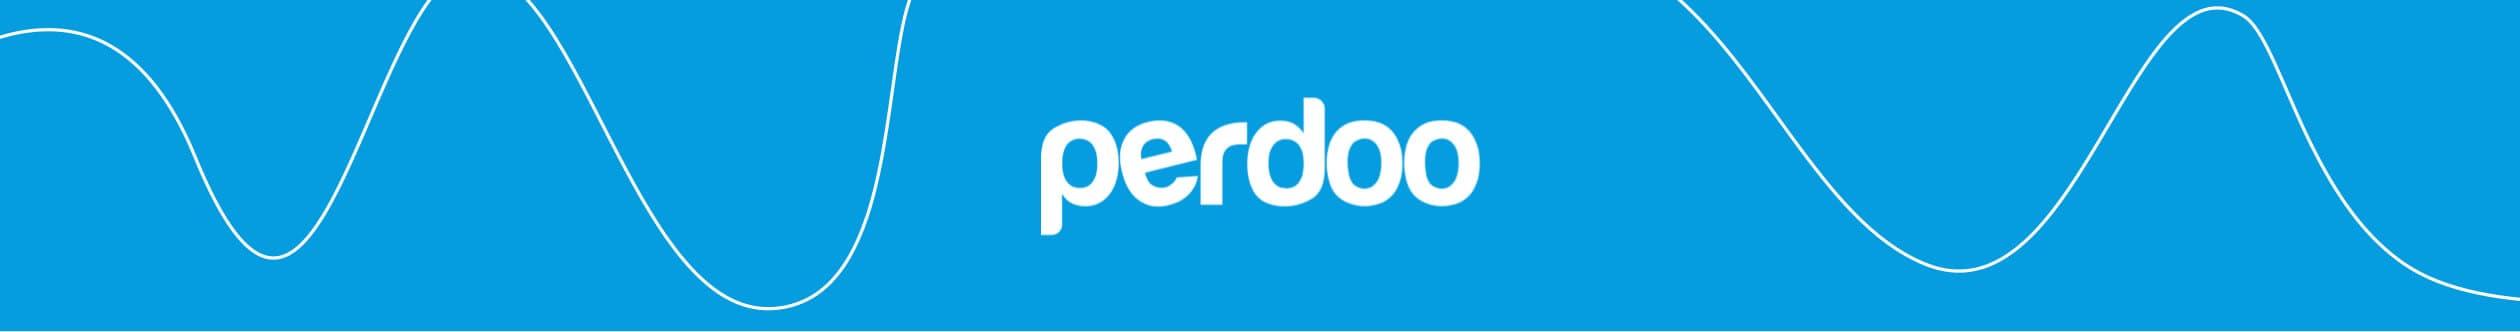 Perdoo Logotype